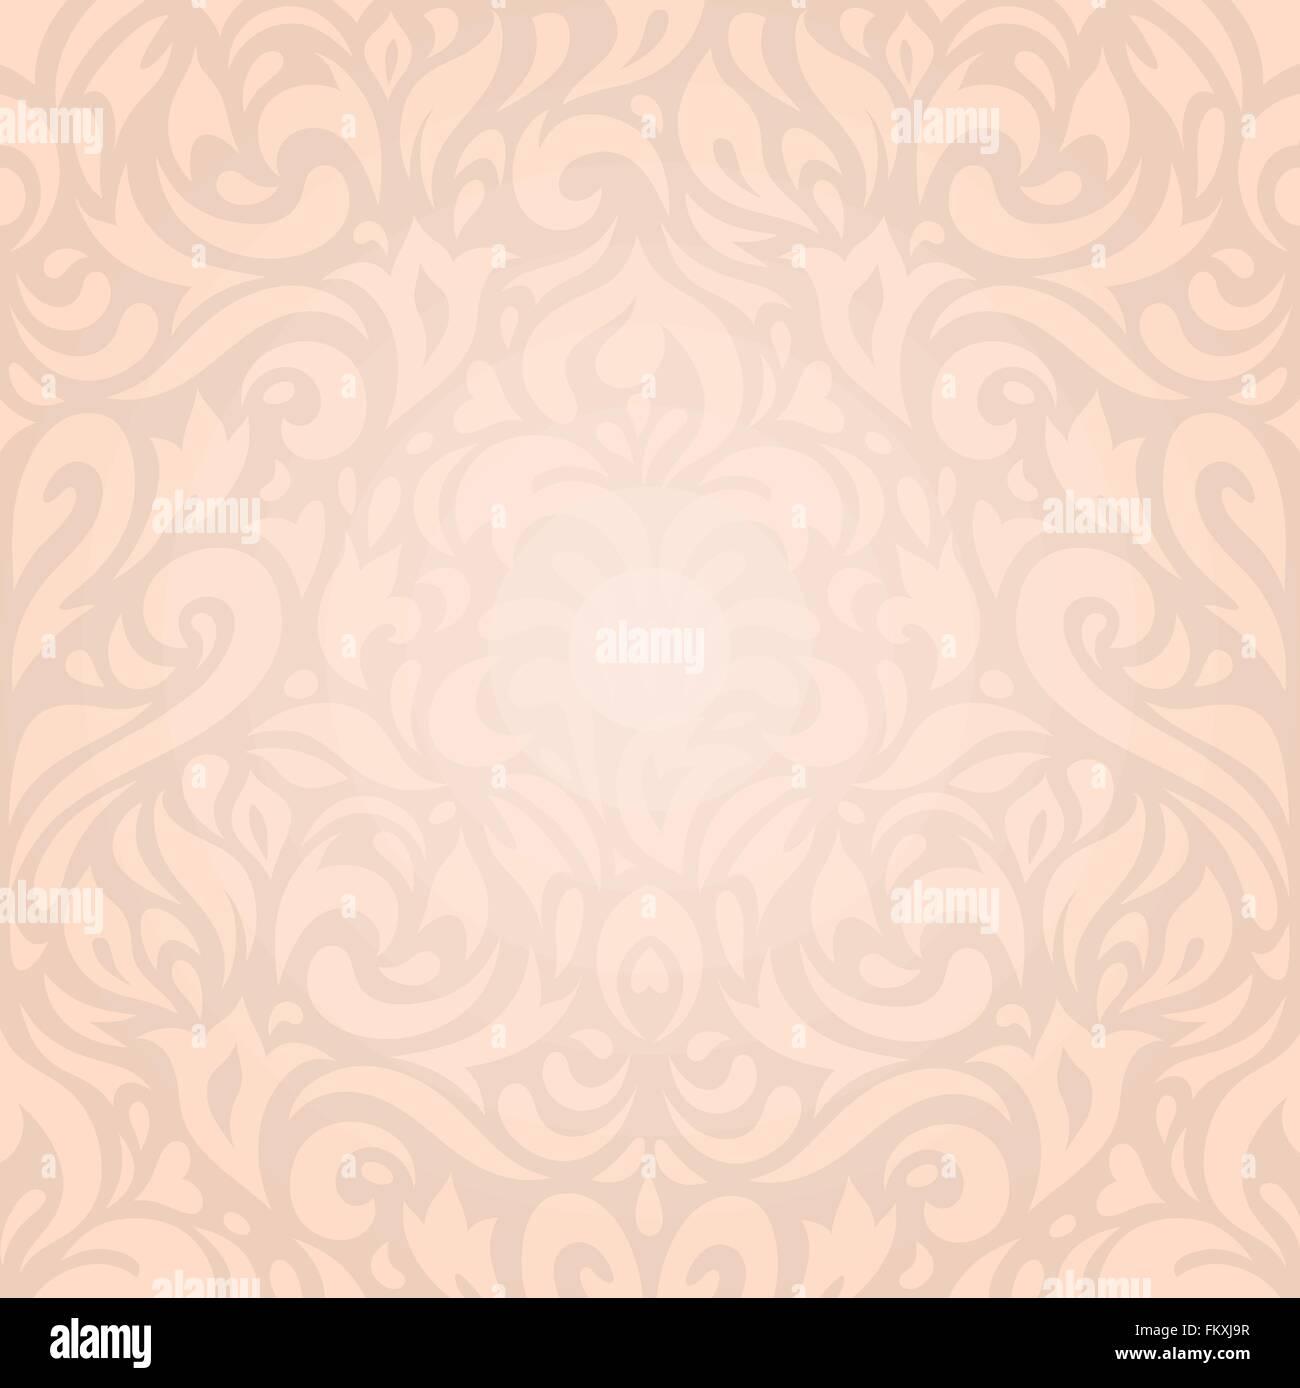 Retro Hochzeit Blumen Ecru Beige Urlaub Vintage Einladung Hintergrund  Wallpaper Design